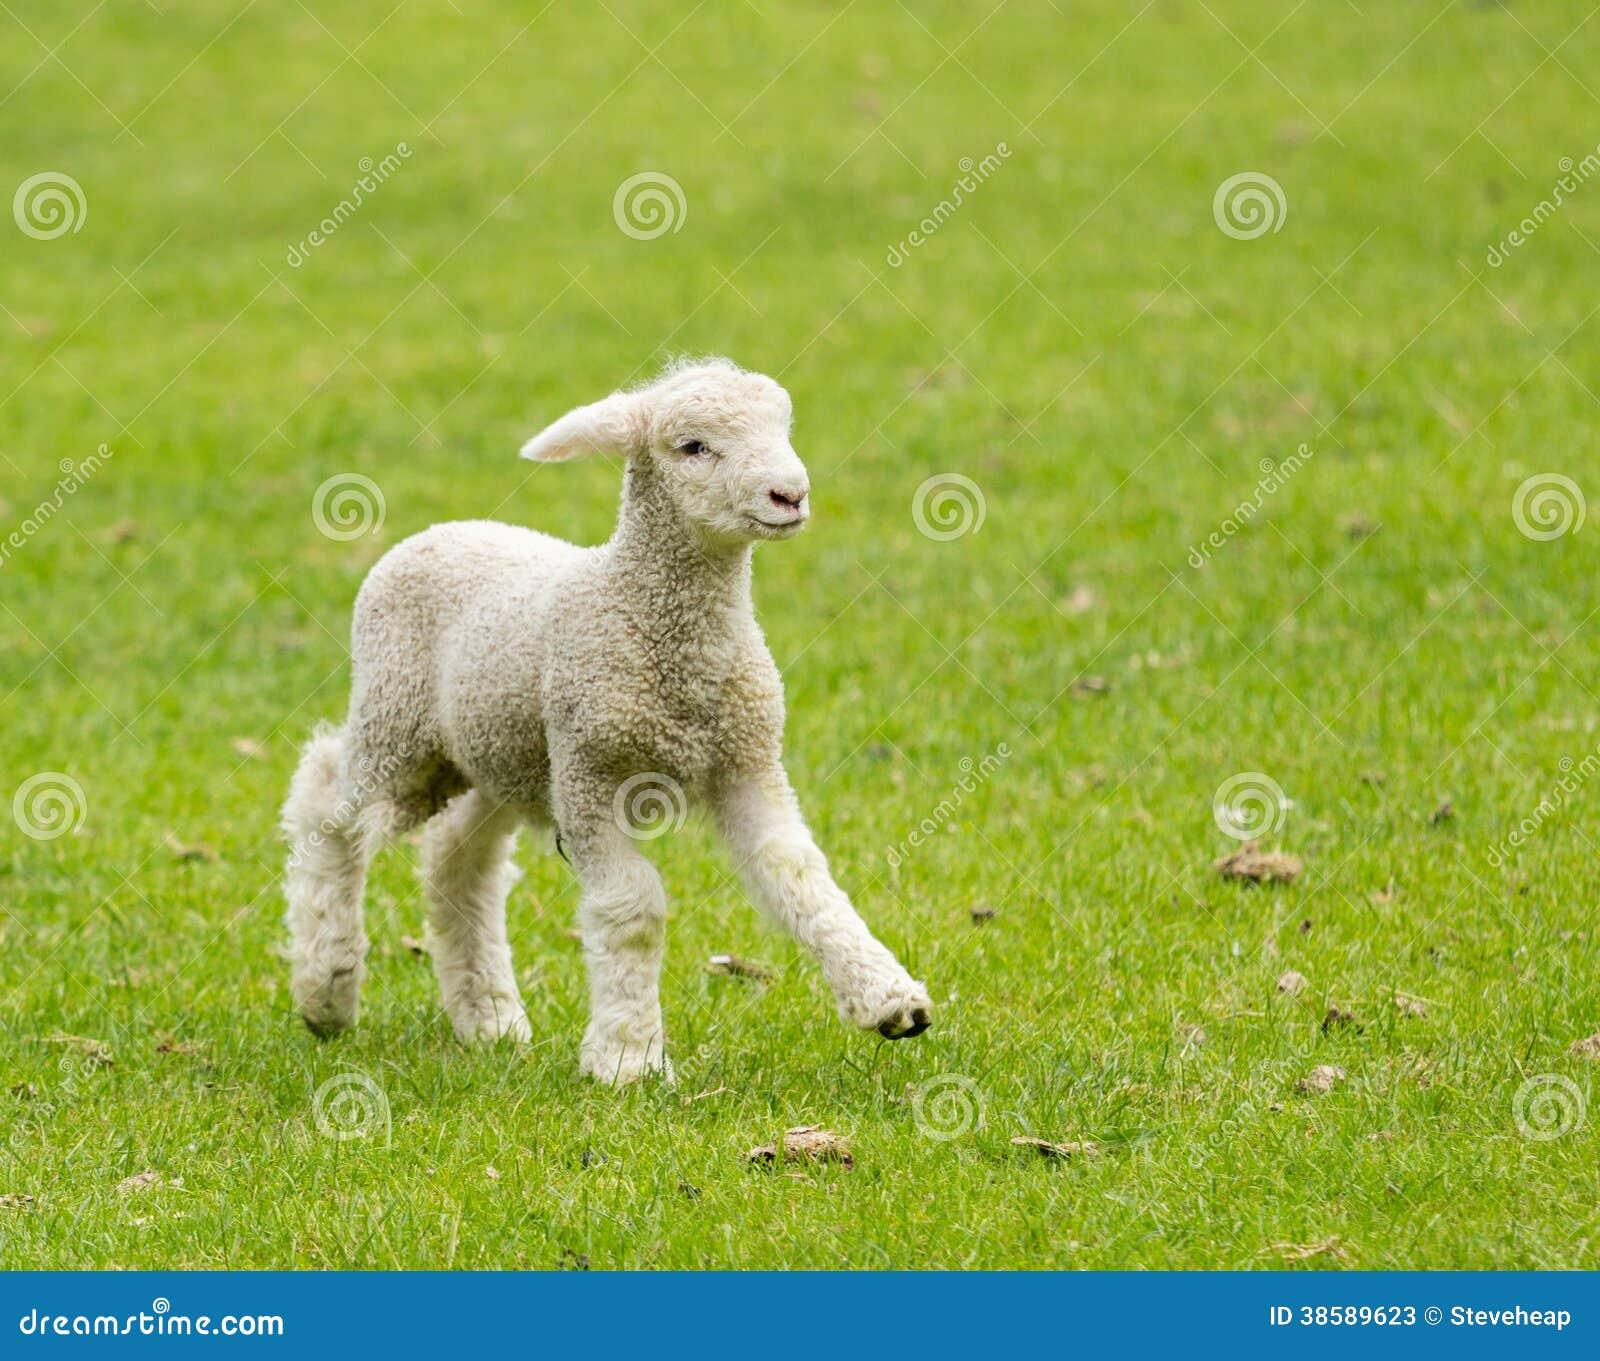 Cute lamb in meadow in New Zealand